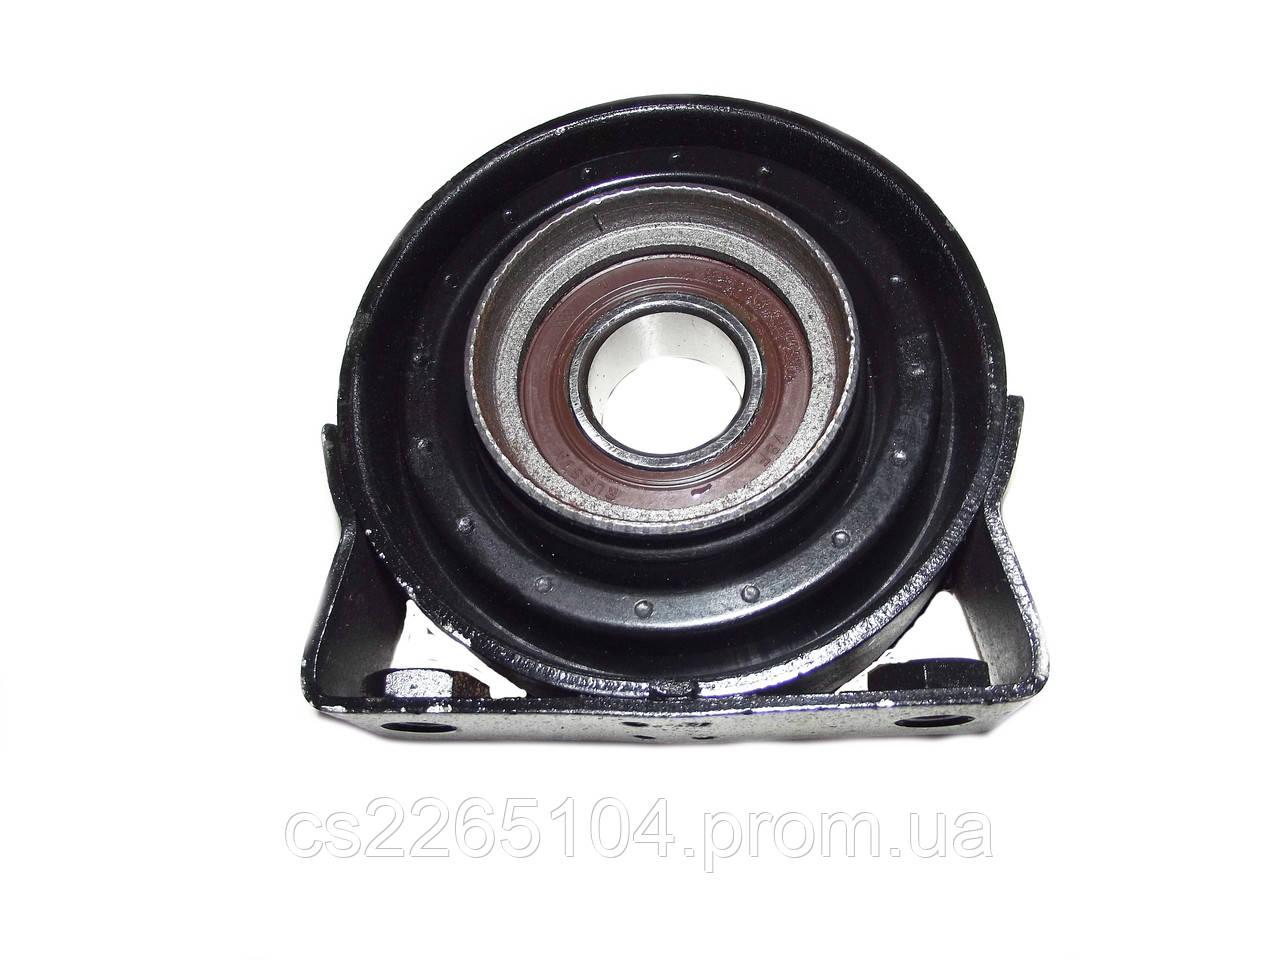 Опора карданного вала ВАЗ 2101-2107 БРТИ